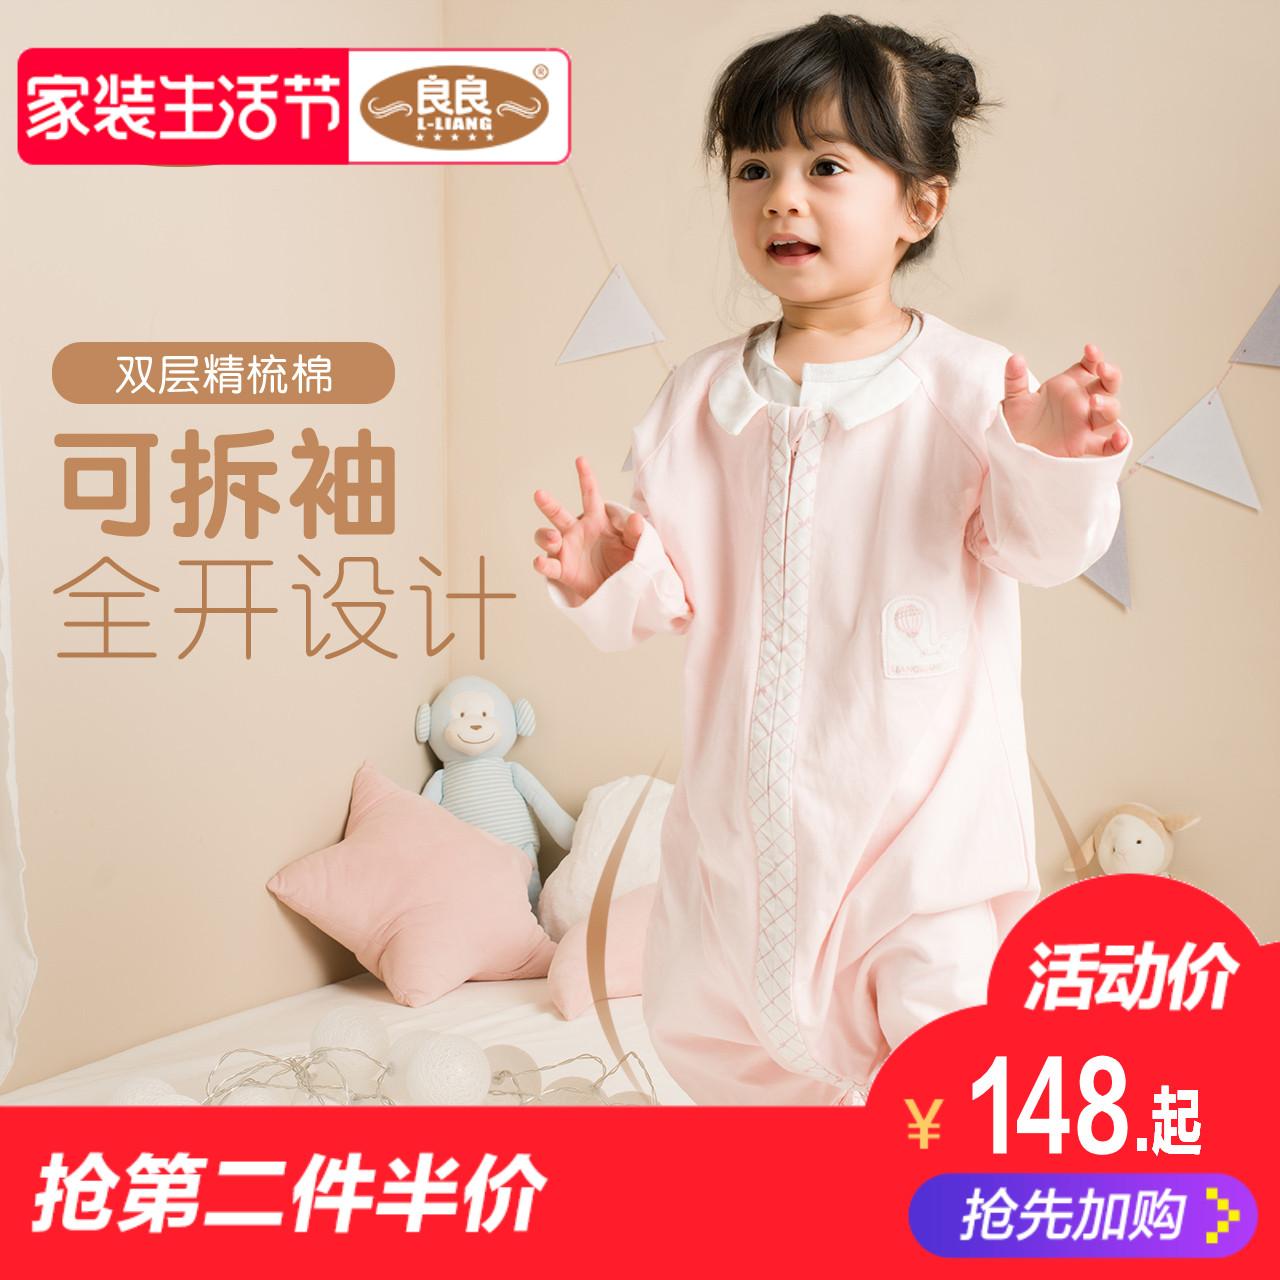 Хорошо Хорошо на младенца Спальный мешок демисезонный детские Спальный мешок осень-зима утепленный Анти Tipi на младенца Тонкие ноги стиль детские Одеяло